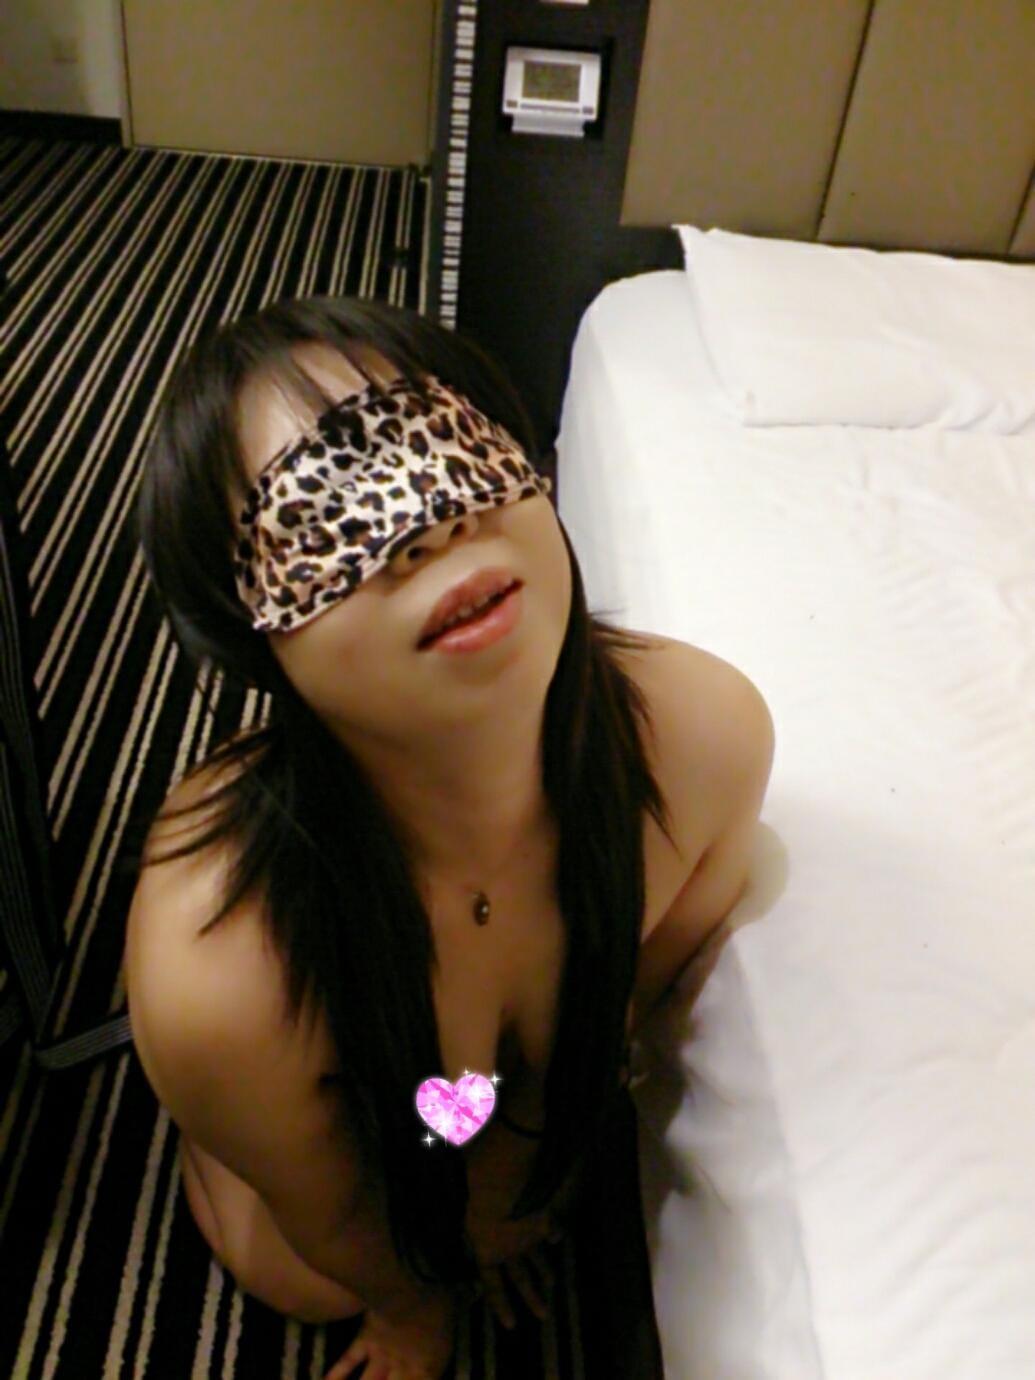 澤田 千里子「今日も大好きなプレイ」04/03(金) 22:16 | 澤田 千里子の写メ・風俗動画